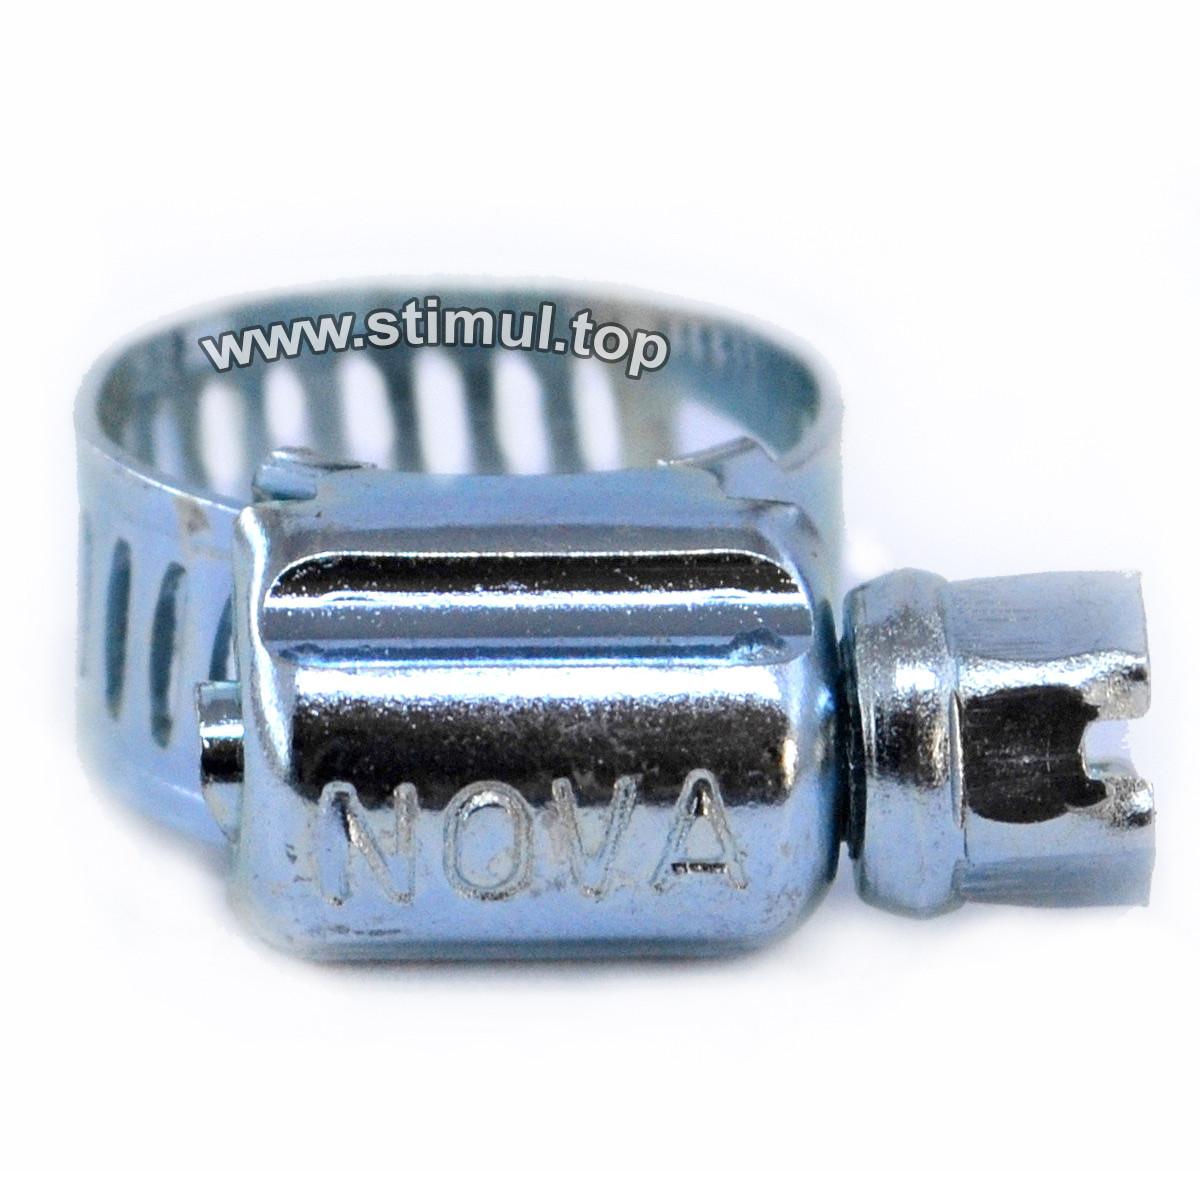 Хомут червячный Nova 20-30 мм (50 шт/уп) обжимной для шлангов